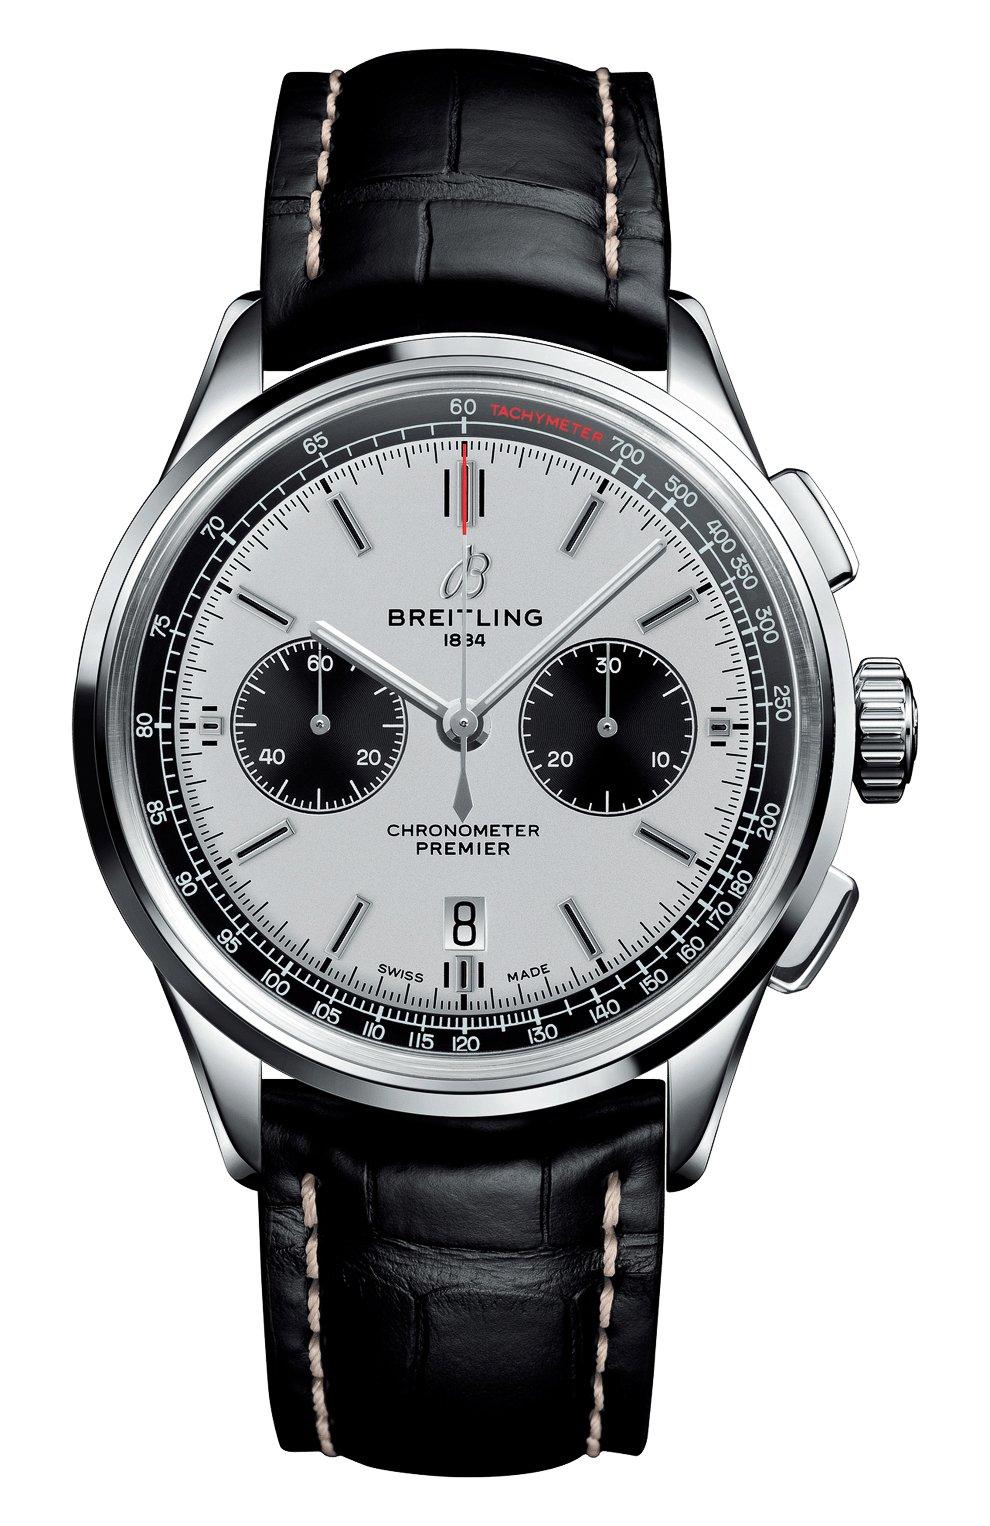 Мужские часы premier b01 chronograph BREITLING бесцветного цвета, арт. AB0118221G1P2   Фото 1 (Механизм: Автомат; Материал корпуса: Сталь; Цвет циферблата: Серебристый)